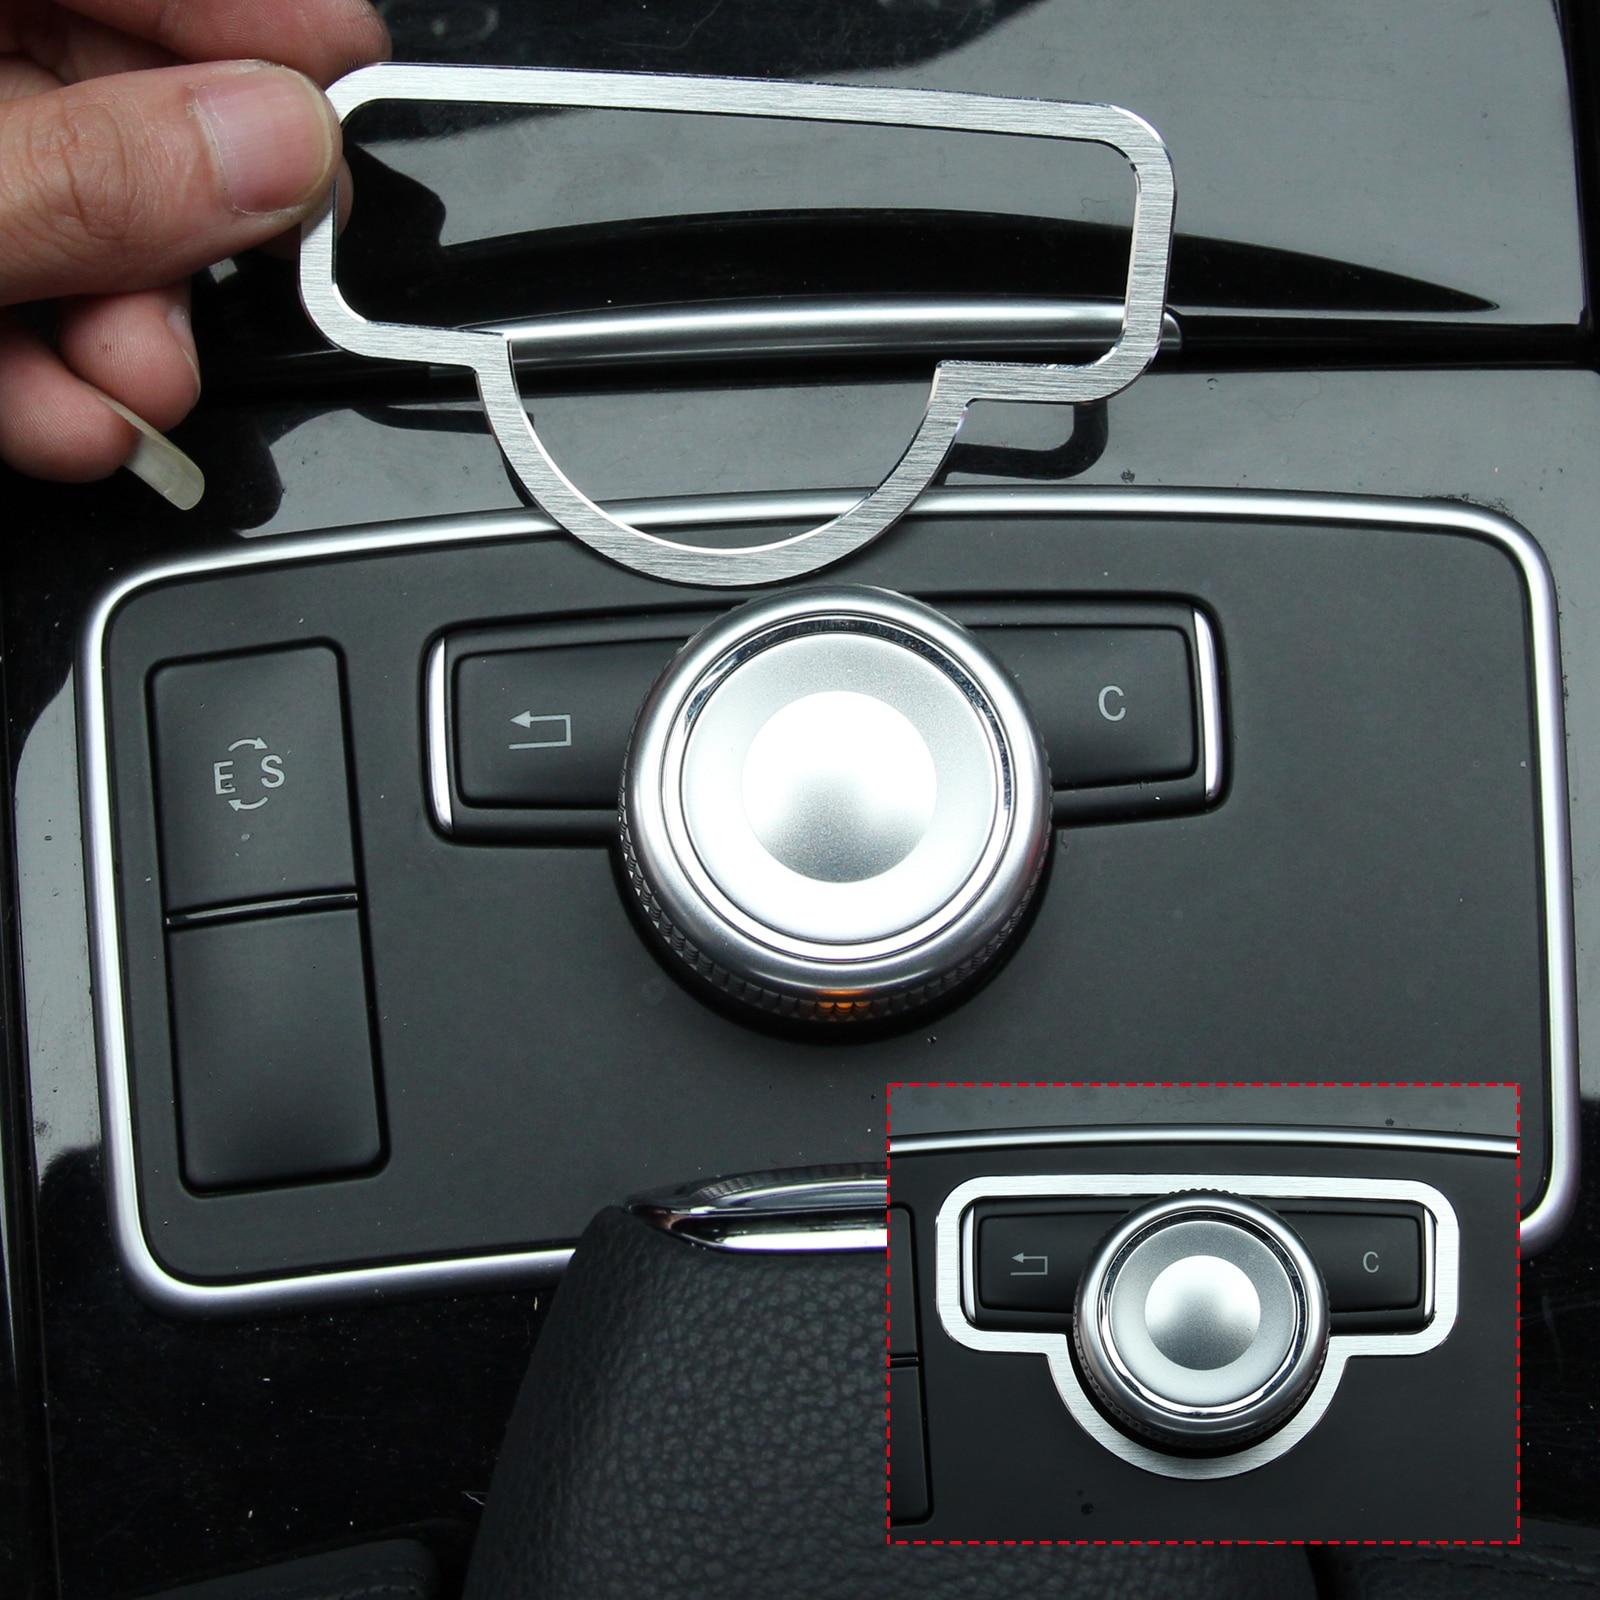 DWCX oblikovanje avtomobila Središčna konzola Multimedijska - Dodatki za notranjost avtomobila - Fotografija 3